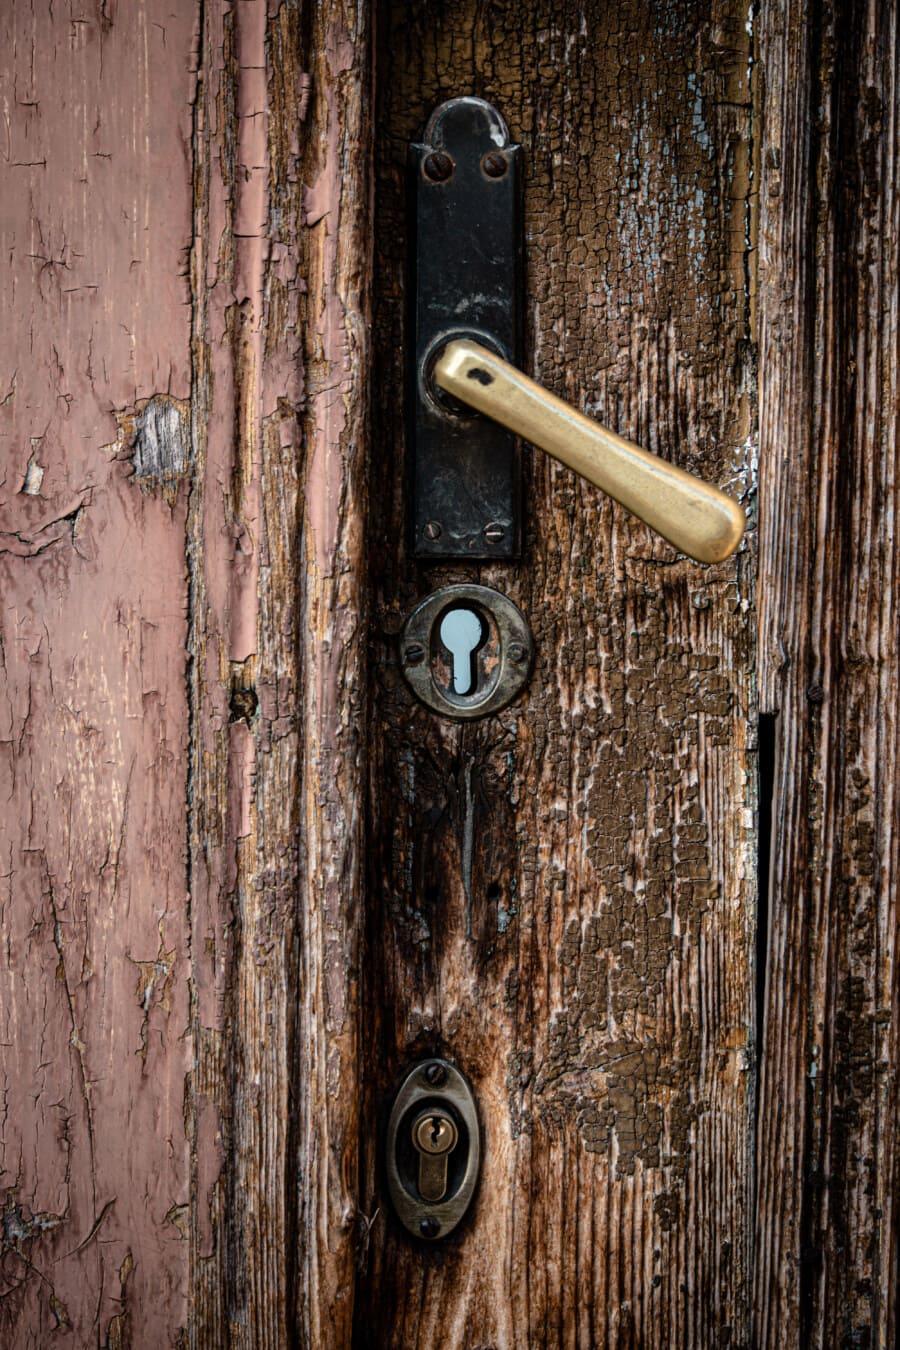 keyhole, front door, decay, derelict, abandoned, entrance, wooden, wood, handle, door